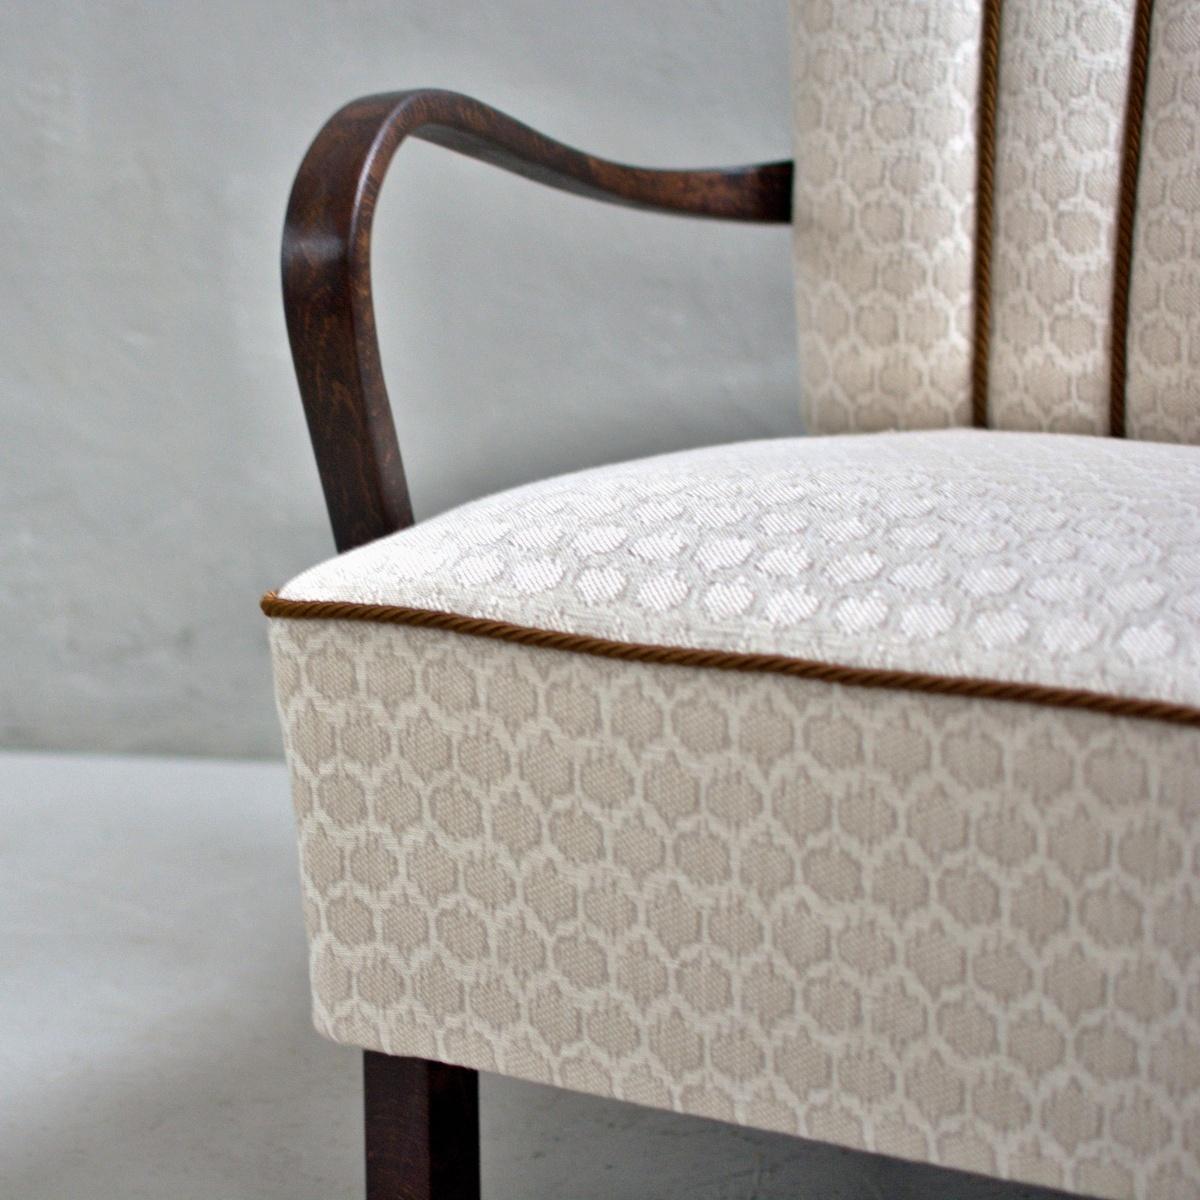 Prodej vintage nábytku Kralupy vintage křesla a taburet